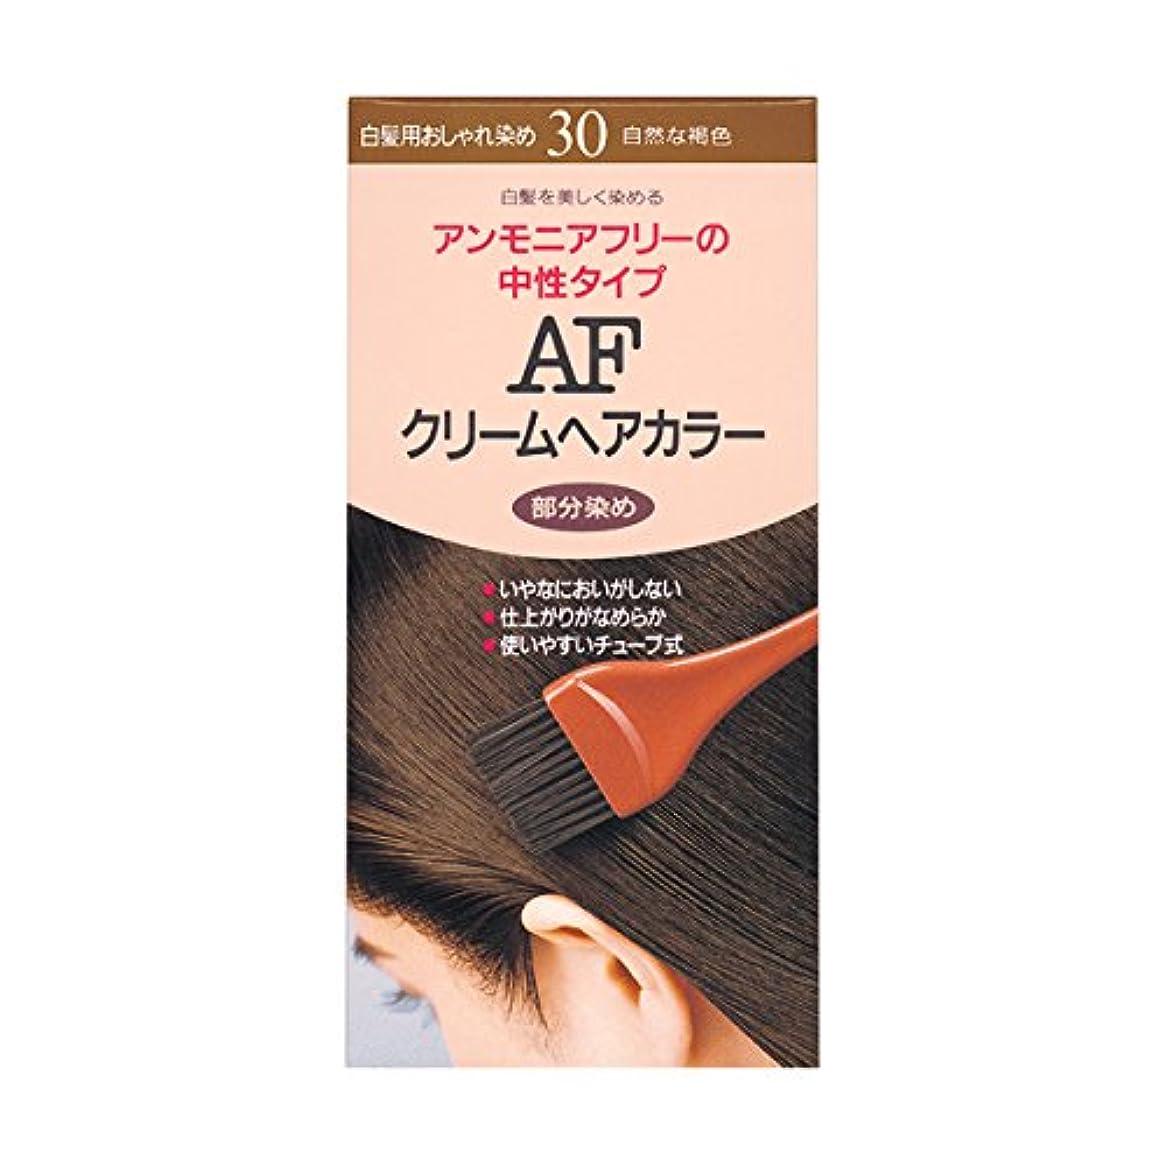 ひどいダッシュ導入するヘアカラー AFクリームヘアカラー 30 【医薬部外品】